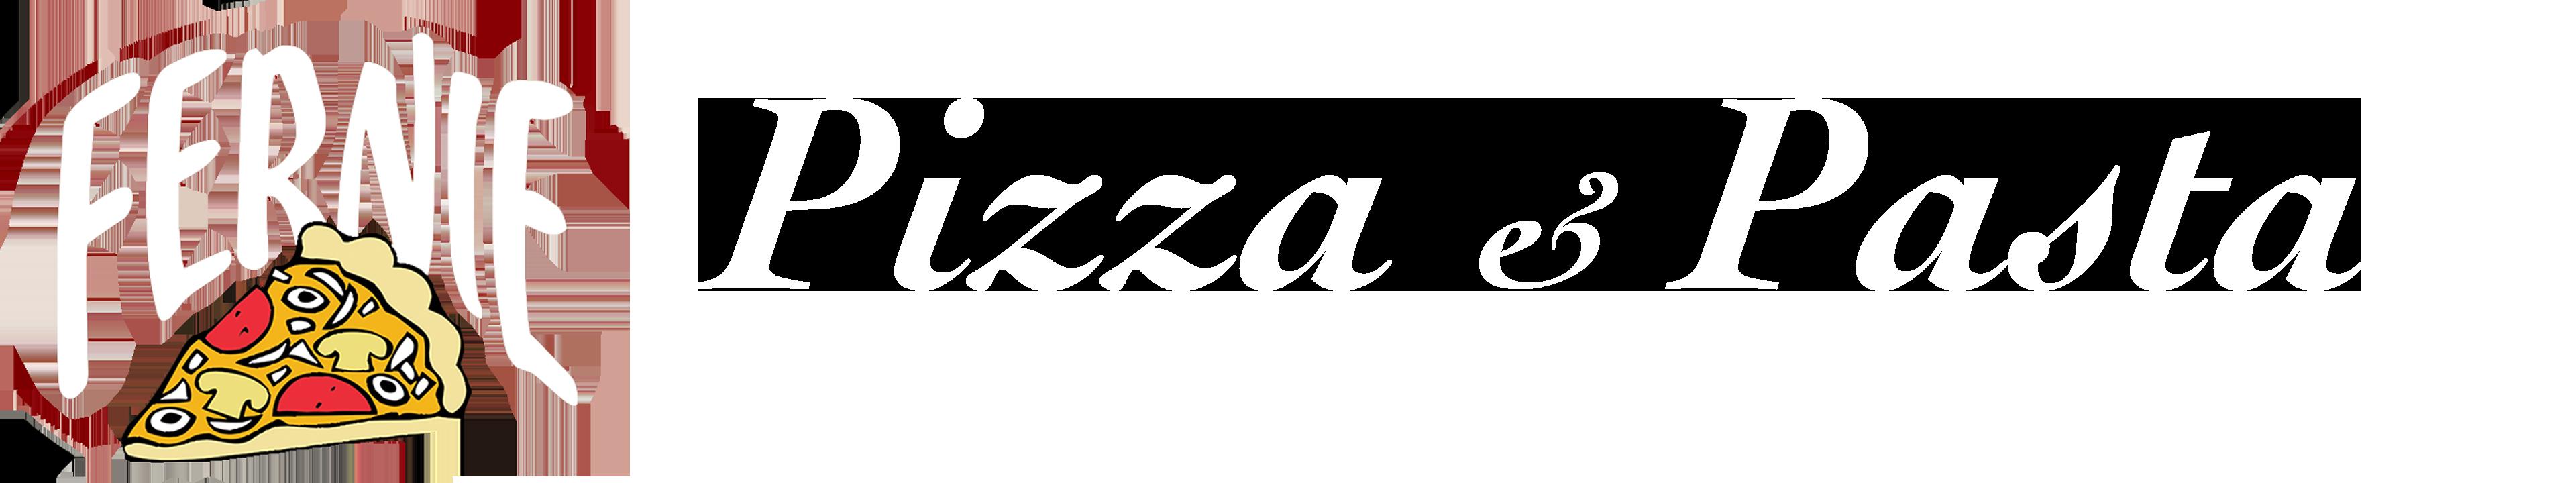 Fernie Pizza